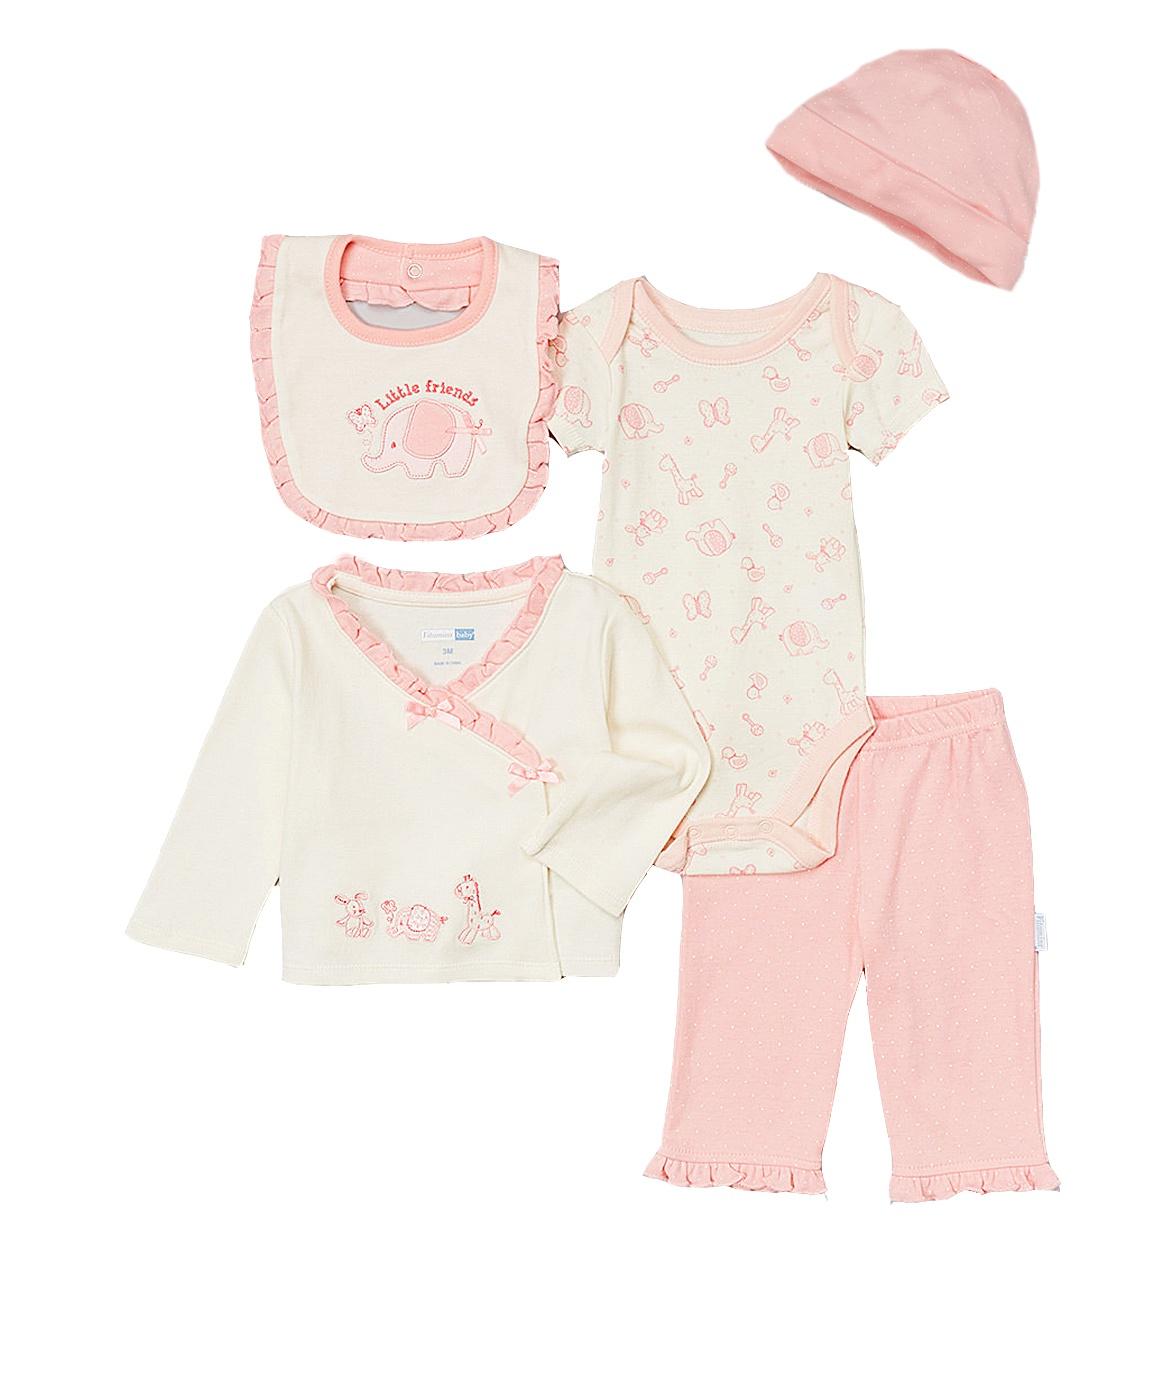 Комплект одежды Vitamins Baby комплект одежды для девочки acoola baby dino комбинезон 2 шт нагрудник для кормления шапочка цвет разноцветный 20254250001 8000 размер 80